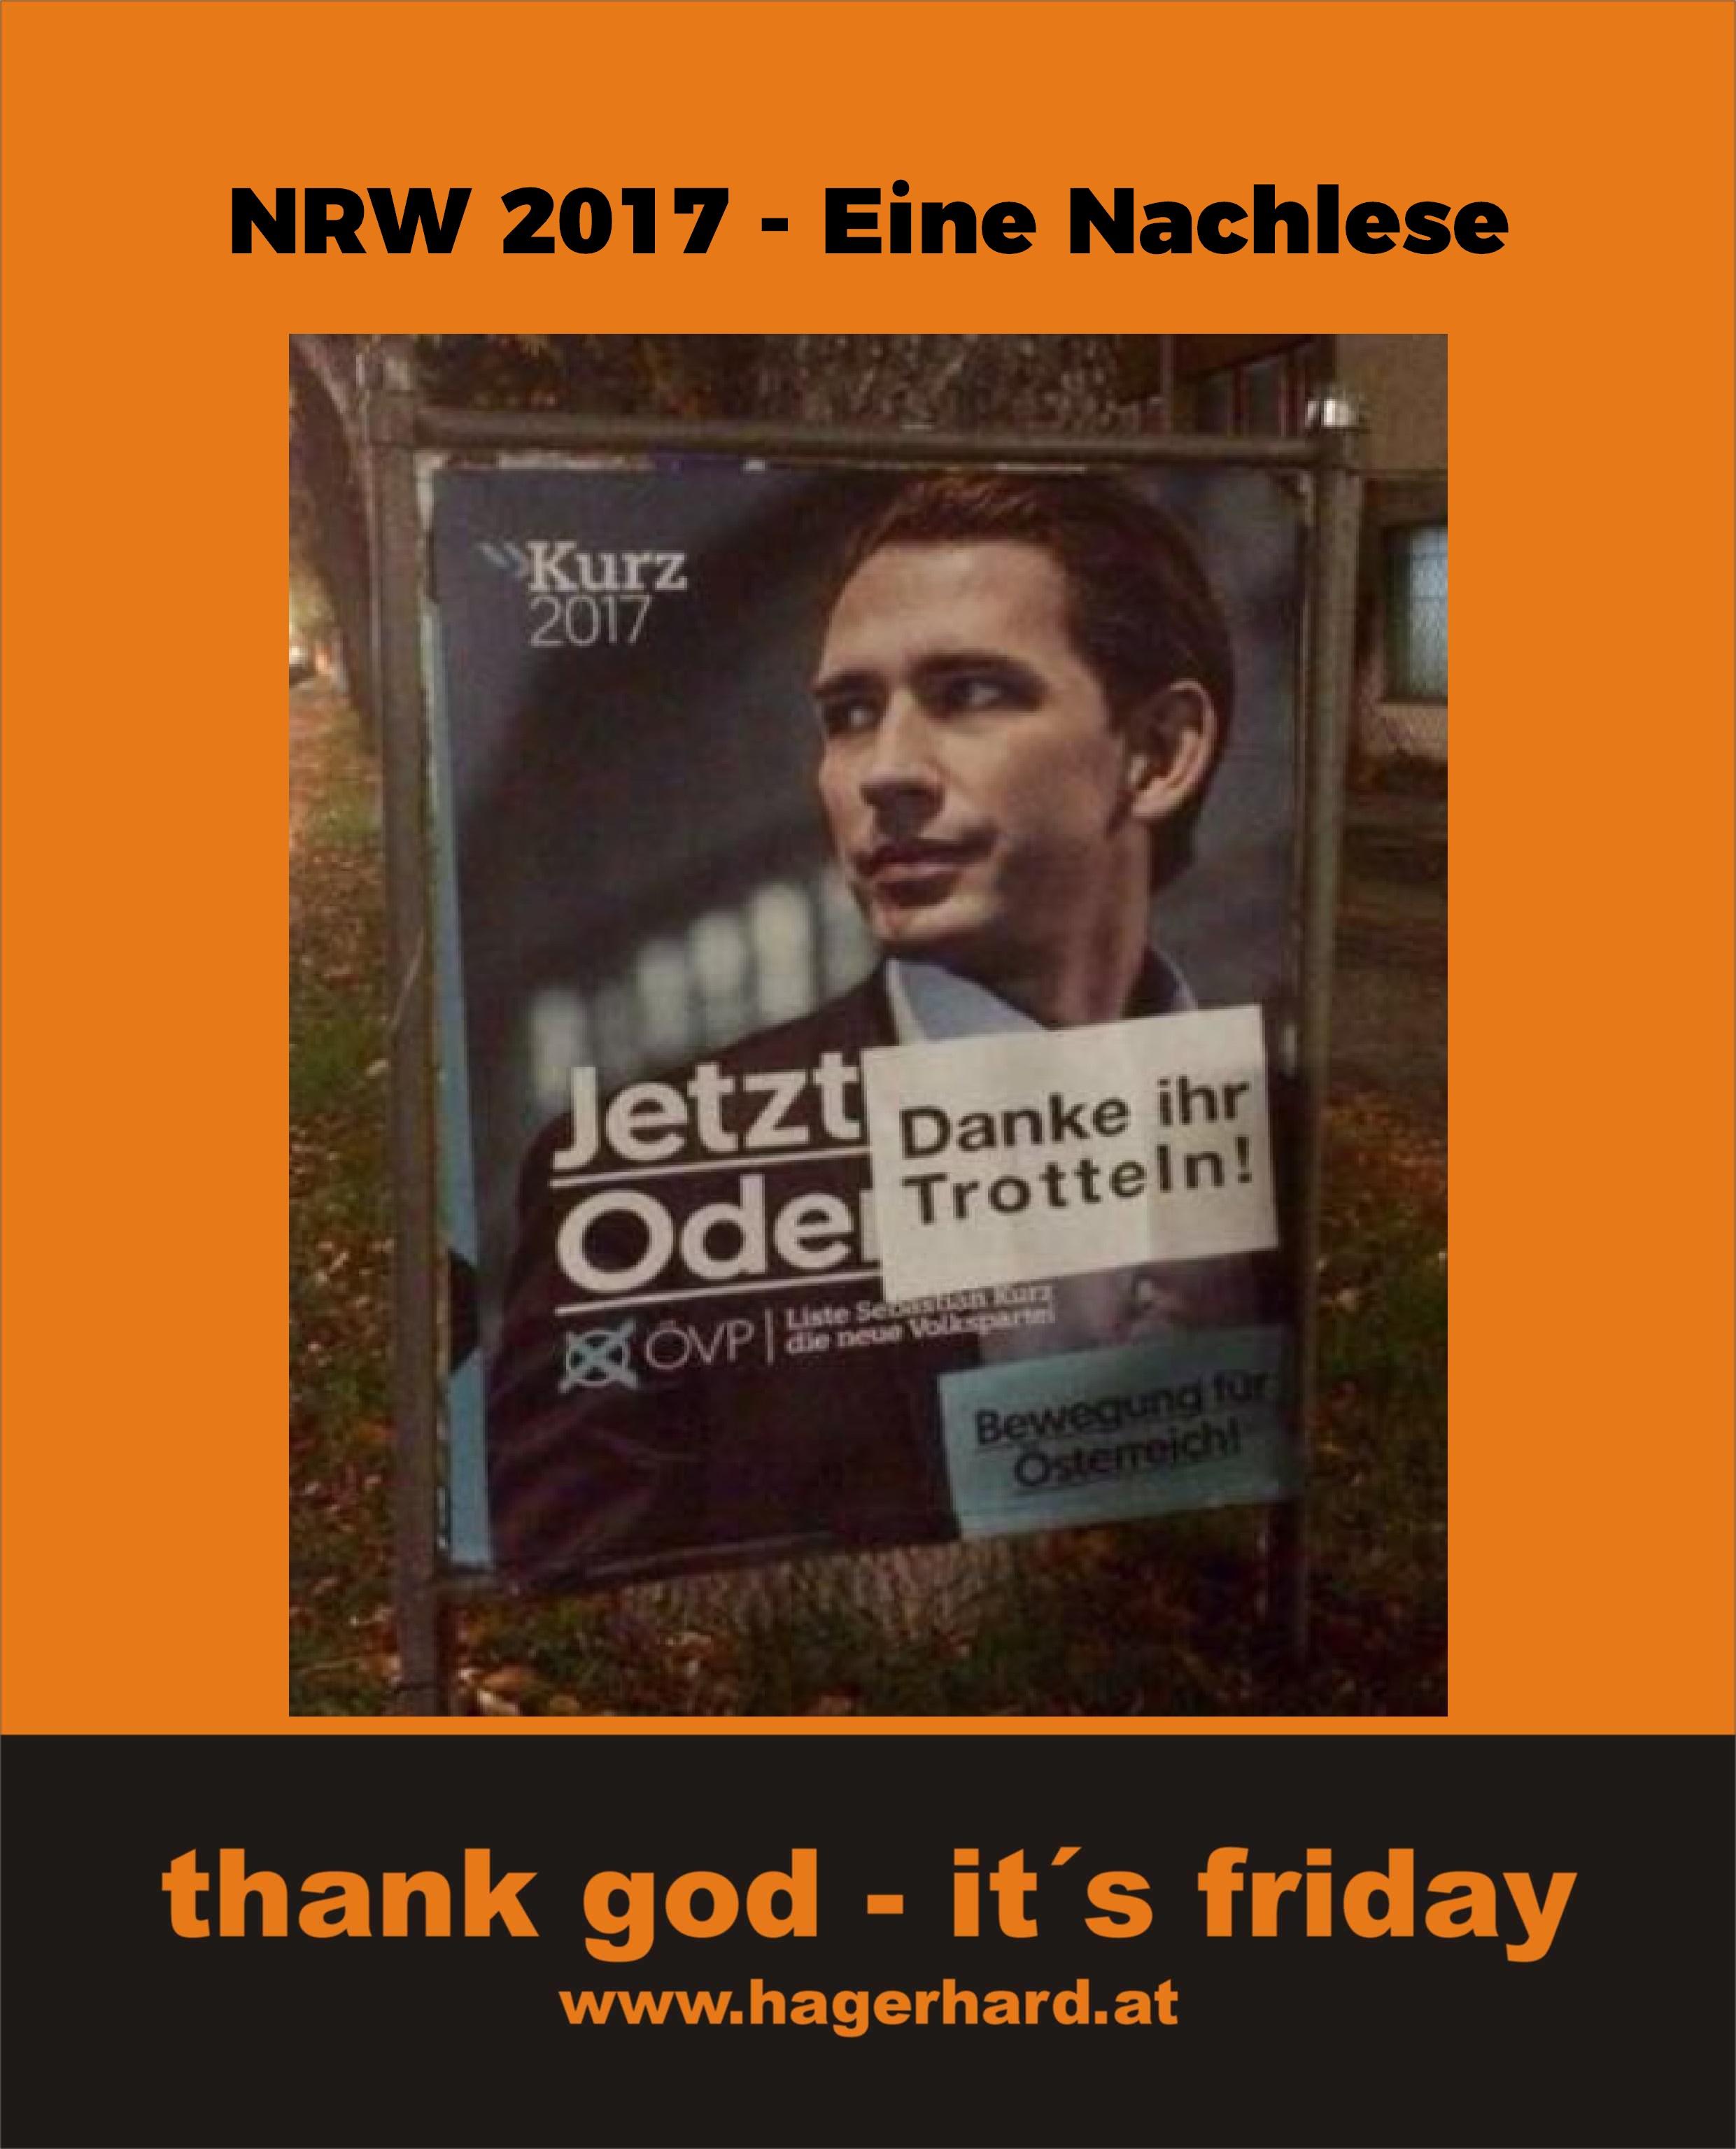 #NRW 2017 - Eine Nachlese